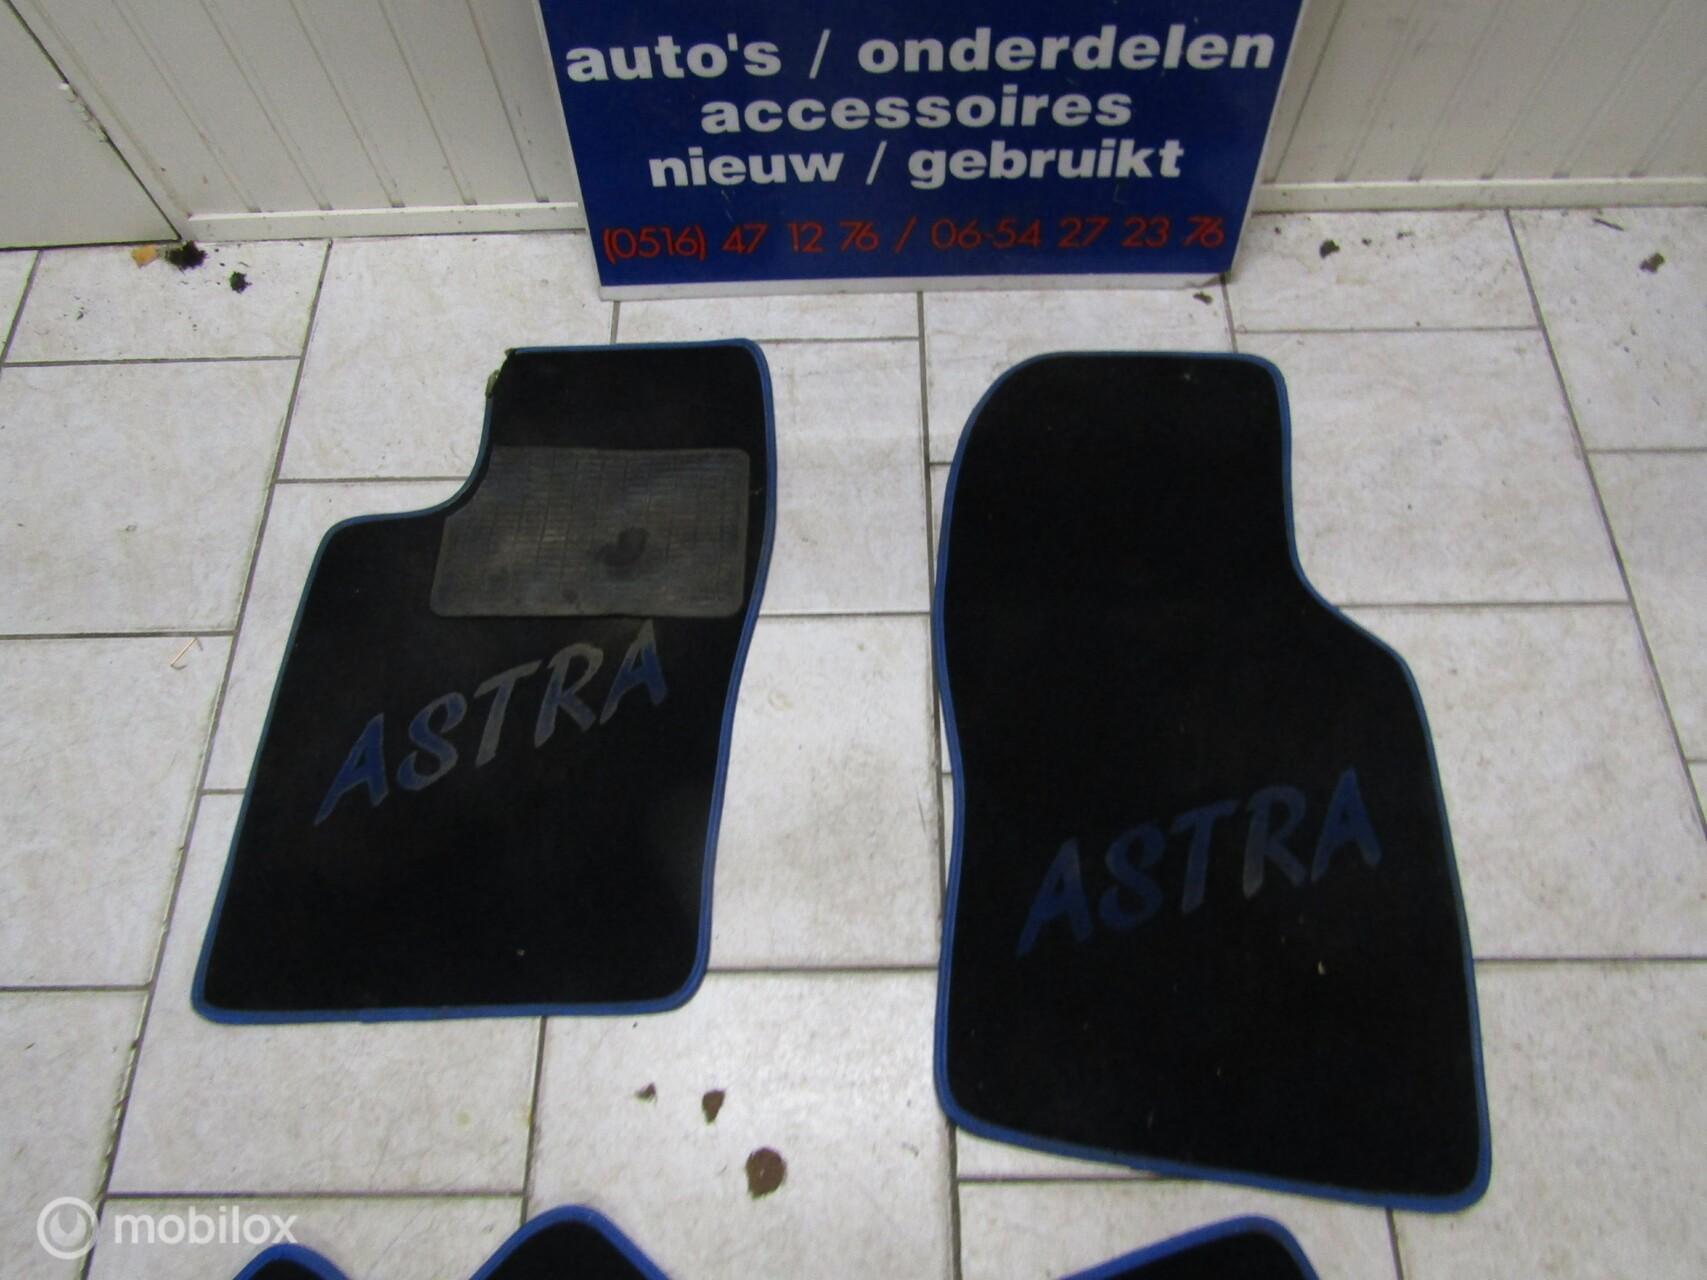 set vloermatten Opel Astra F + opdruk, bj '91 t/m '97